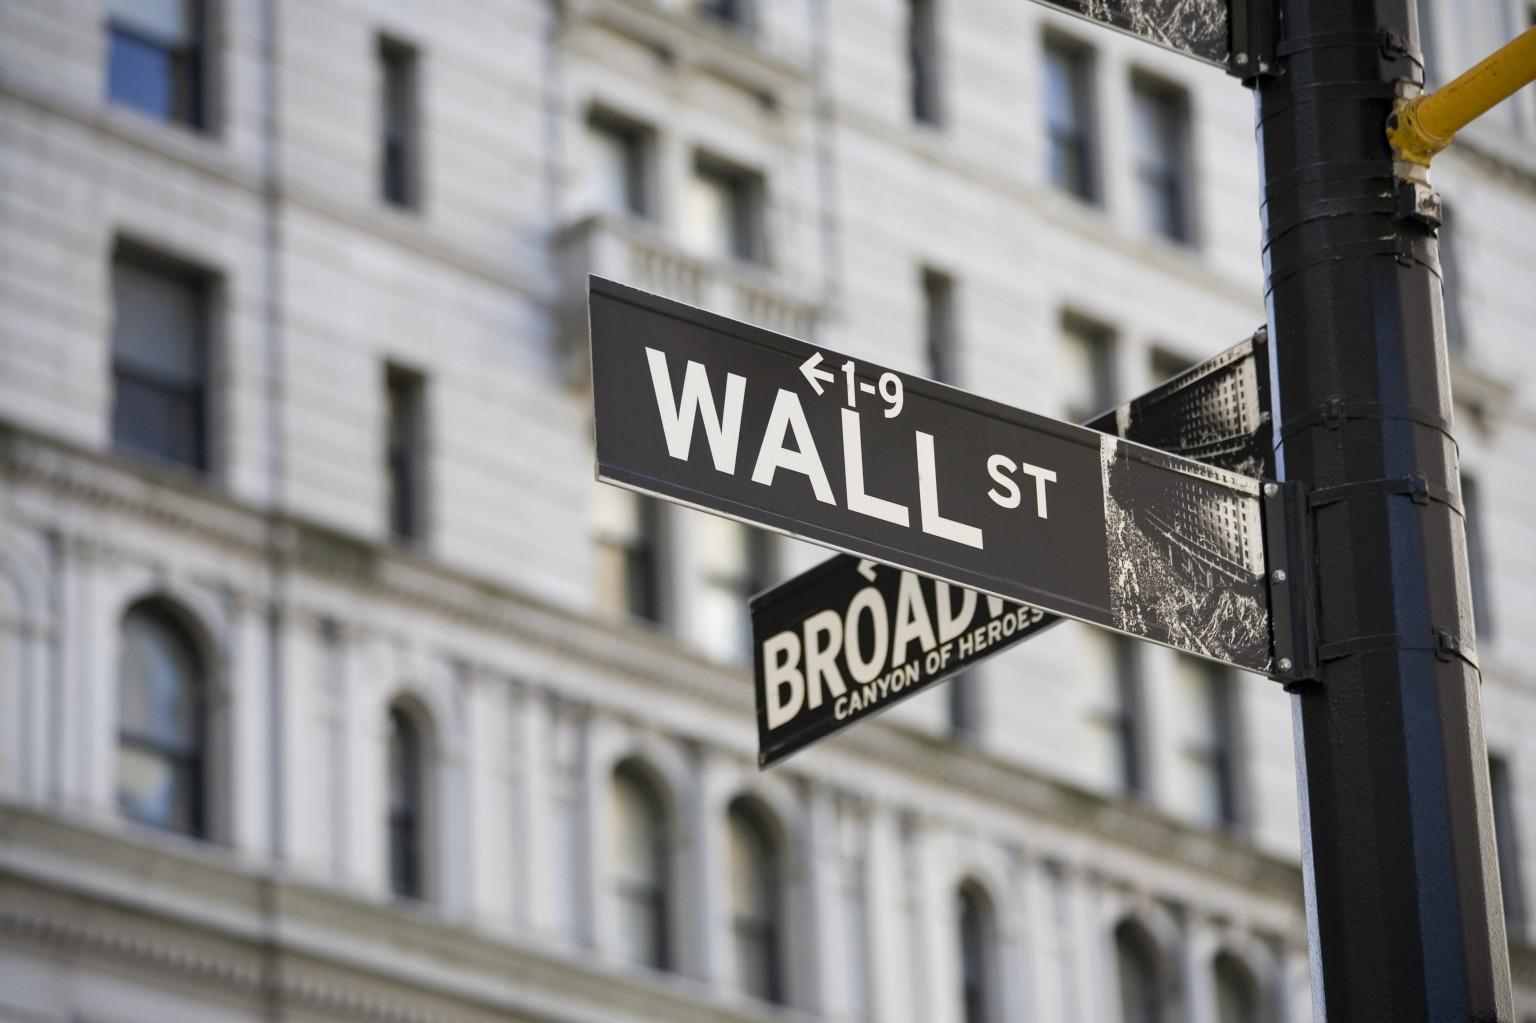 2019 经济崩溃_顶尖经济学家预言 美国2019年要崩溃,经济 泡沫 将破灭